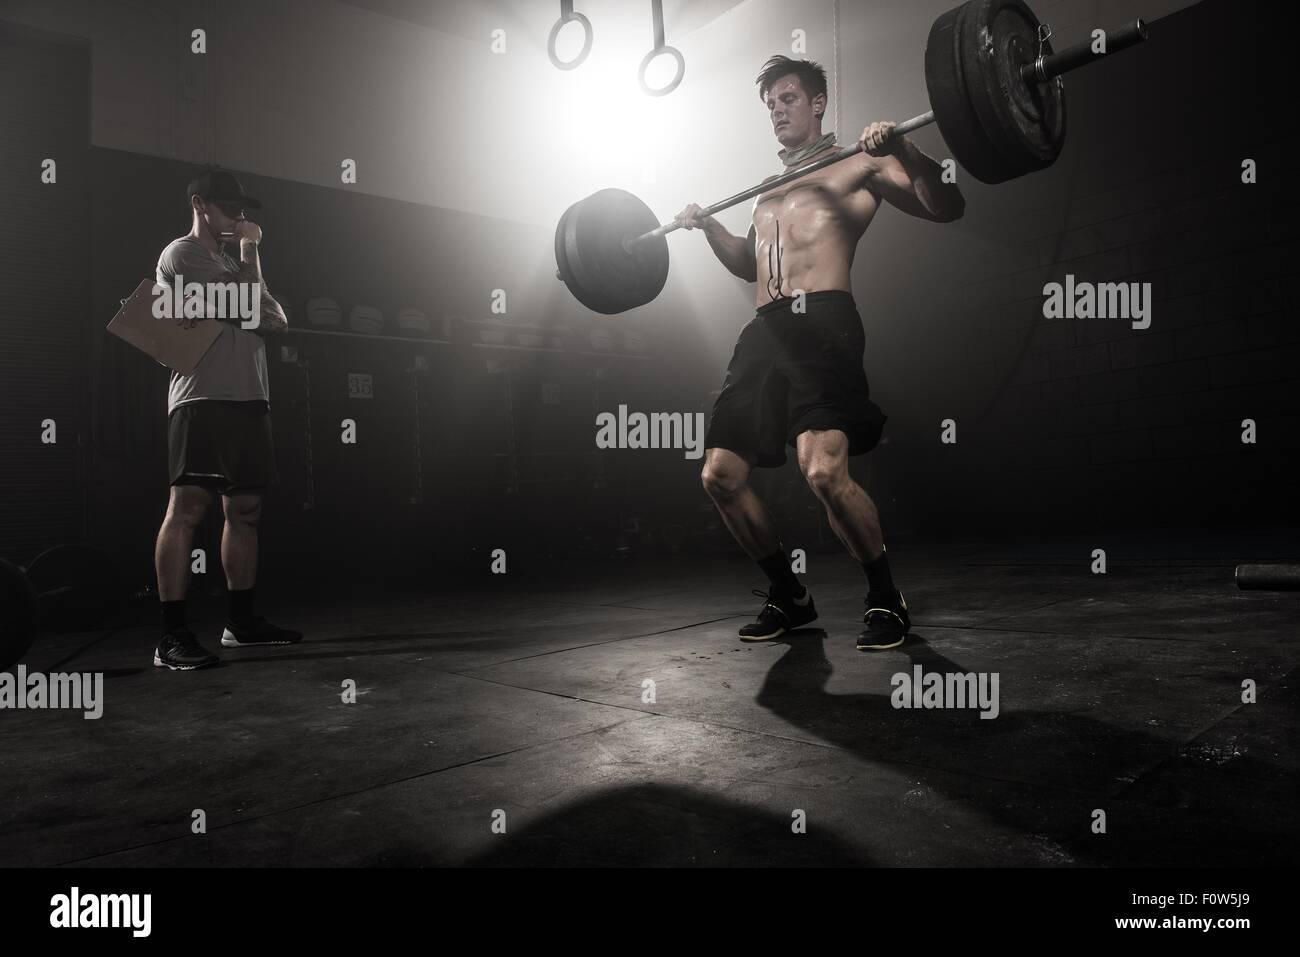 Metà uomo adulto il sollevamento barbell, mentre il trainer guarda a basso angolo di visione Immagini Stock